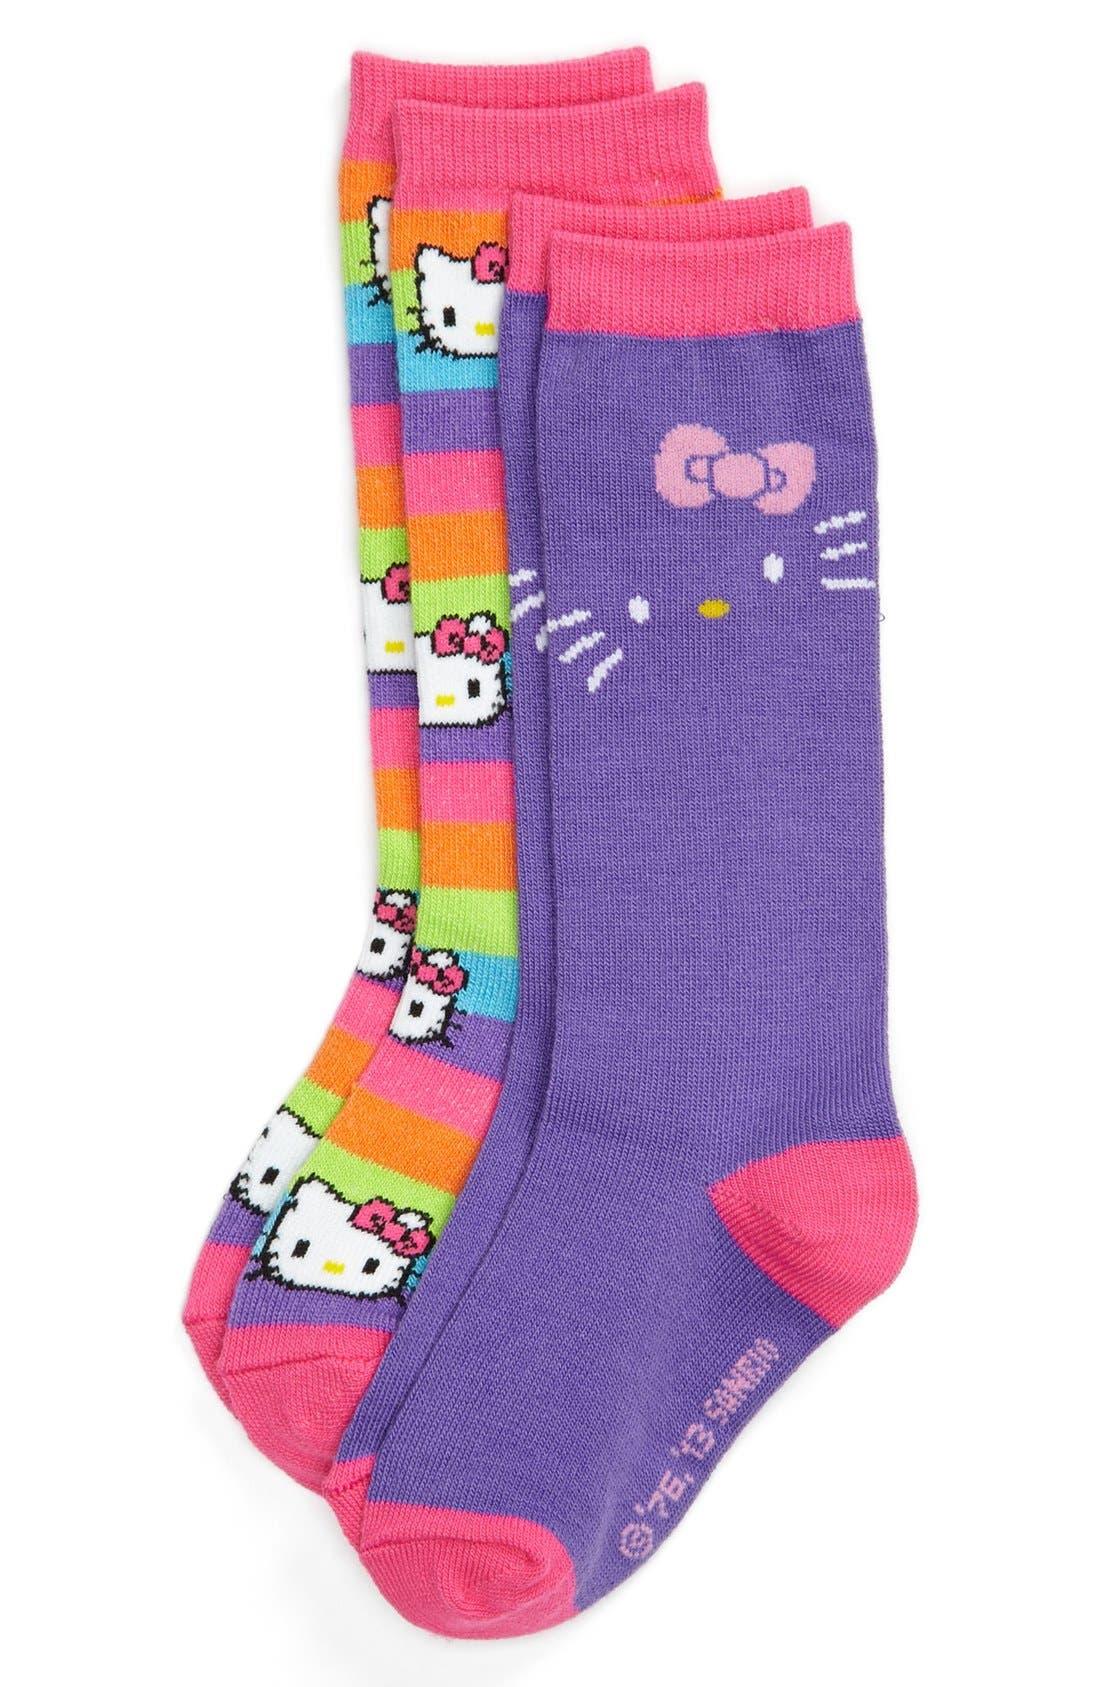 Main Image - Hello Kitty® Rainbow Stripe Knee High Socks (Toddler Girls & Little Girls) (2-Pack)